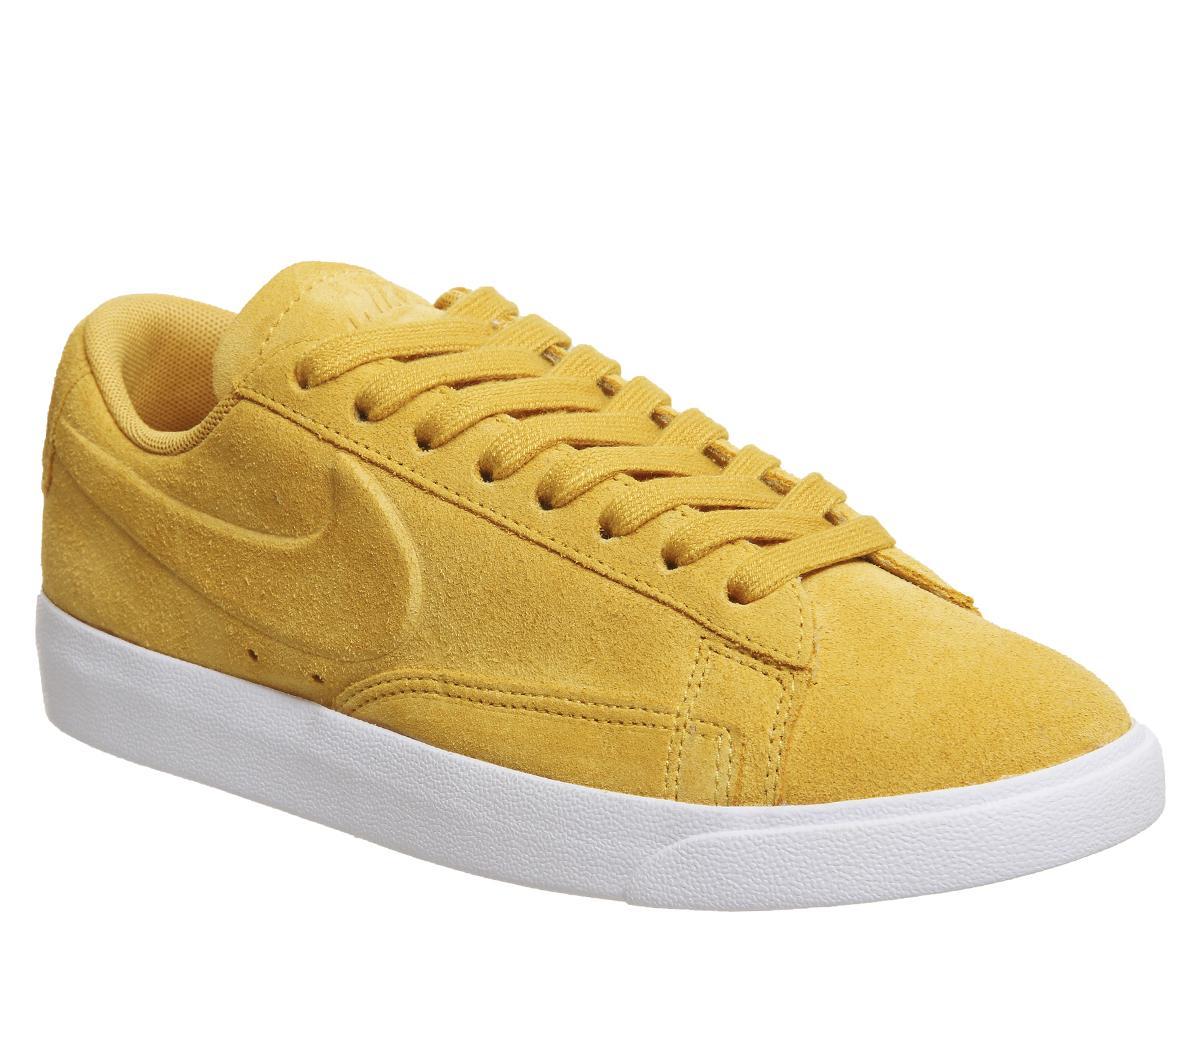 sangre Vadear Ceniza  Nike Blazer Low Trainers Mineral Yellow Mineral Yellow - Hers trainers